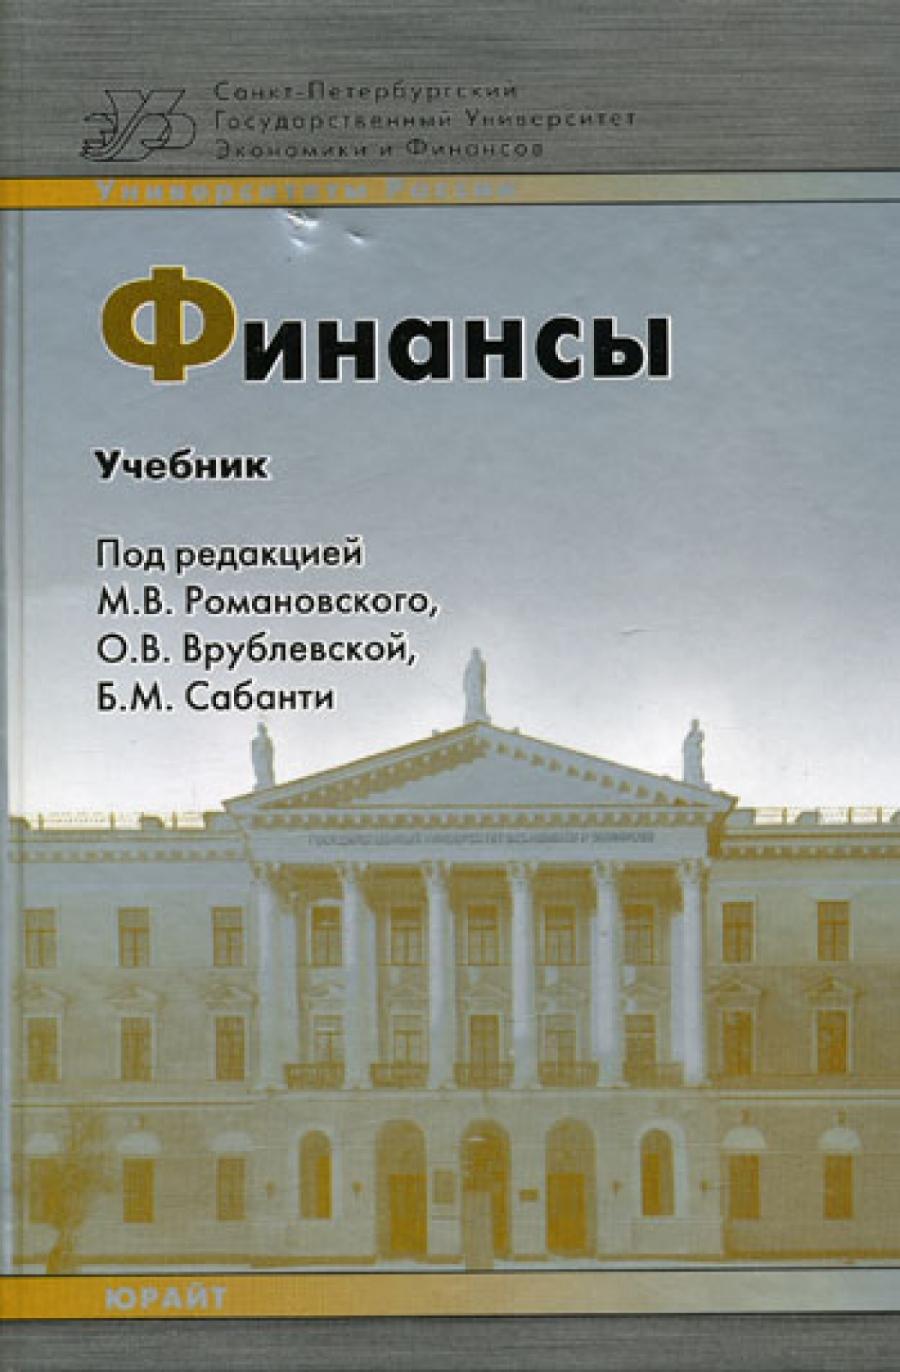 Обложка книги:  романовский м. в. , врублевская о. в. - финансы, денежное обращение и кредит